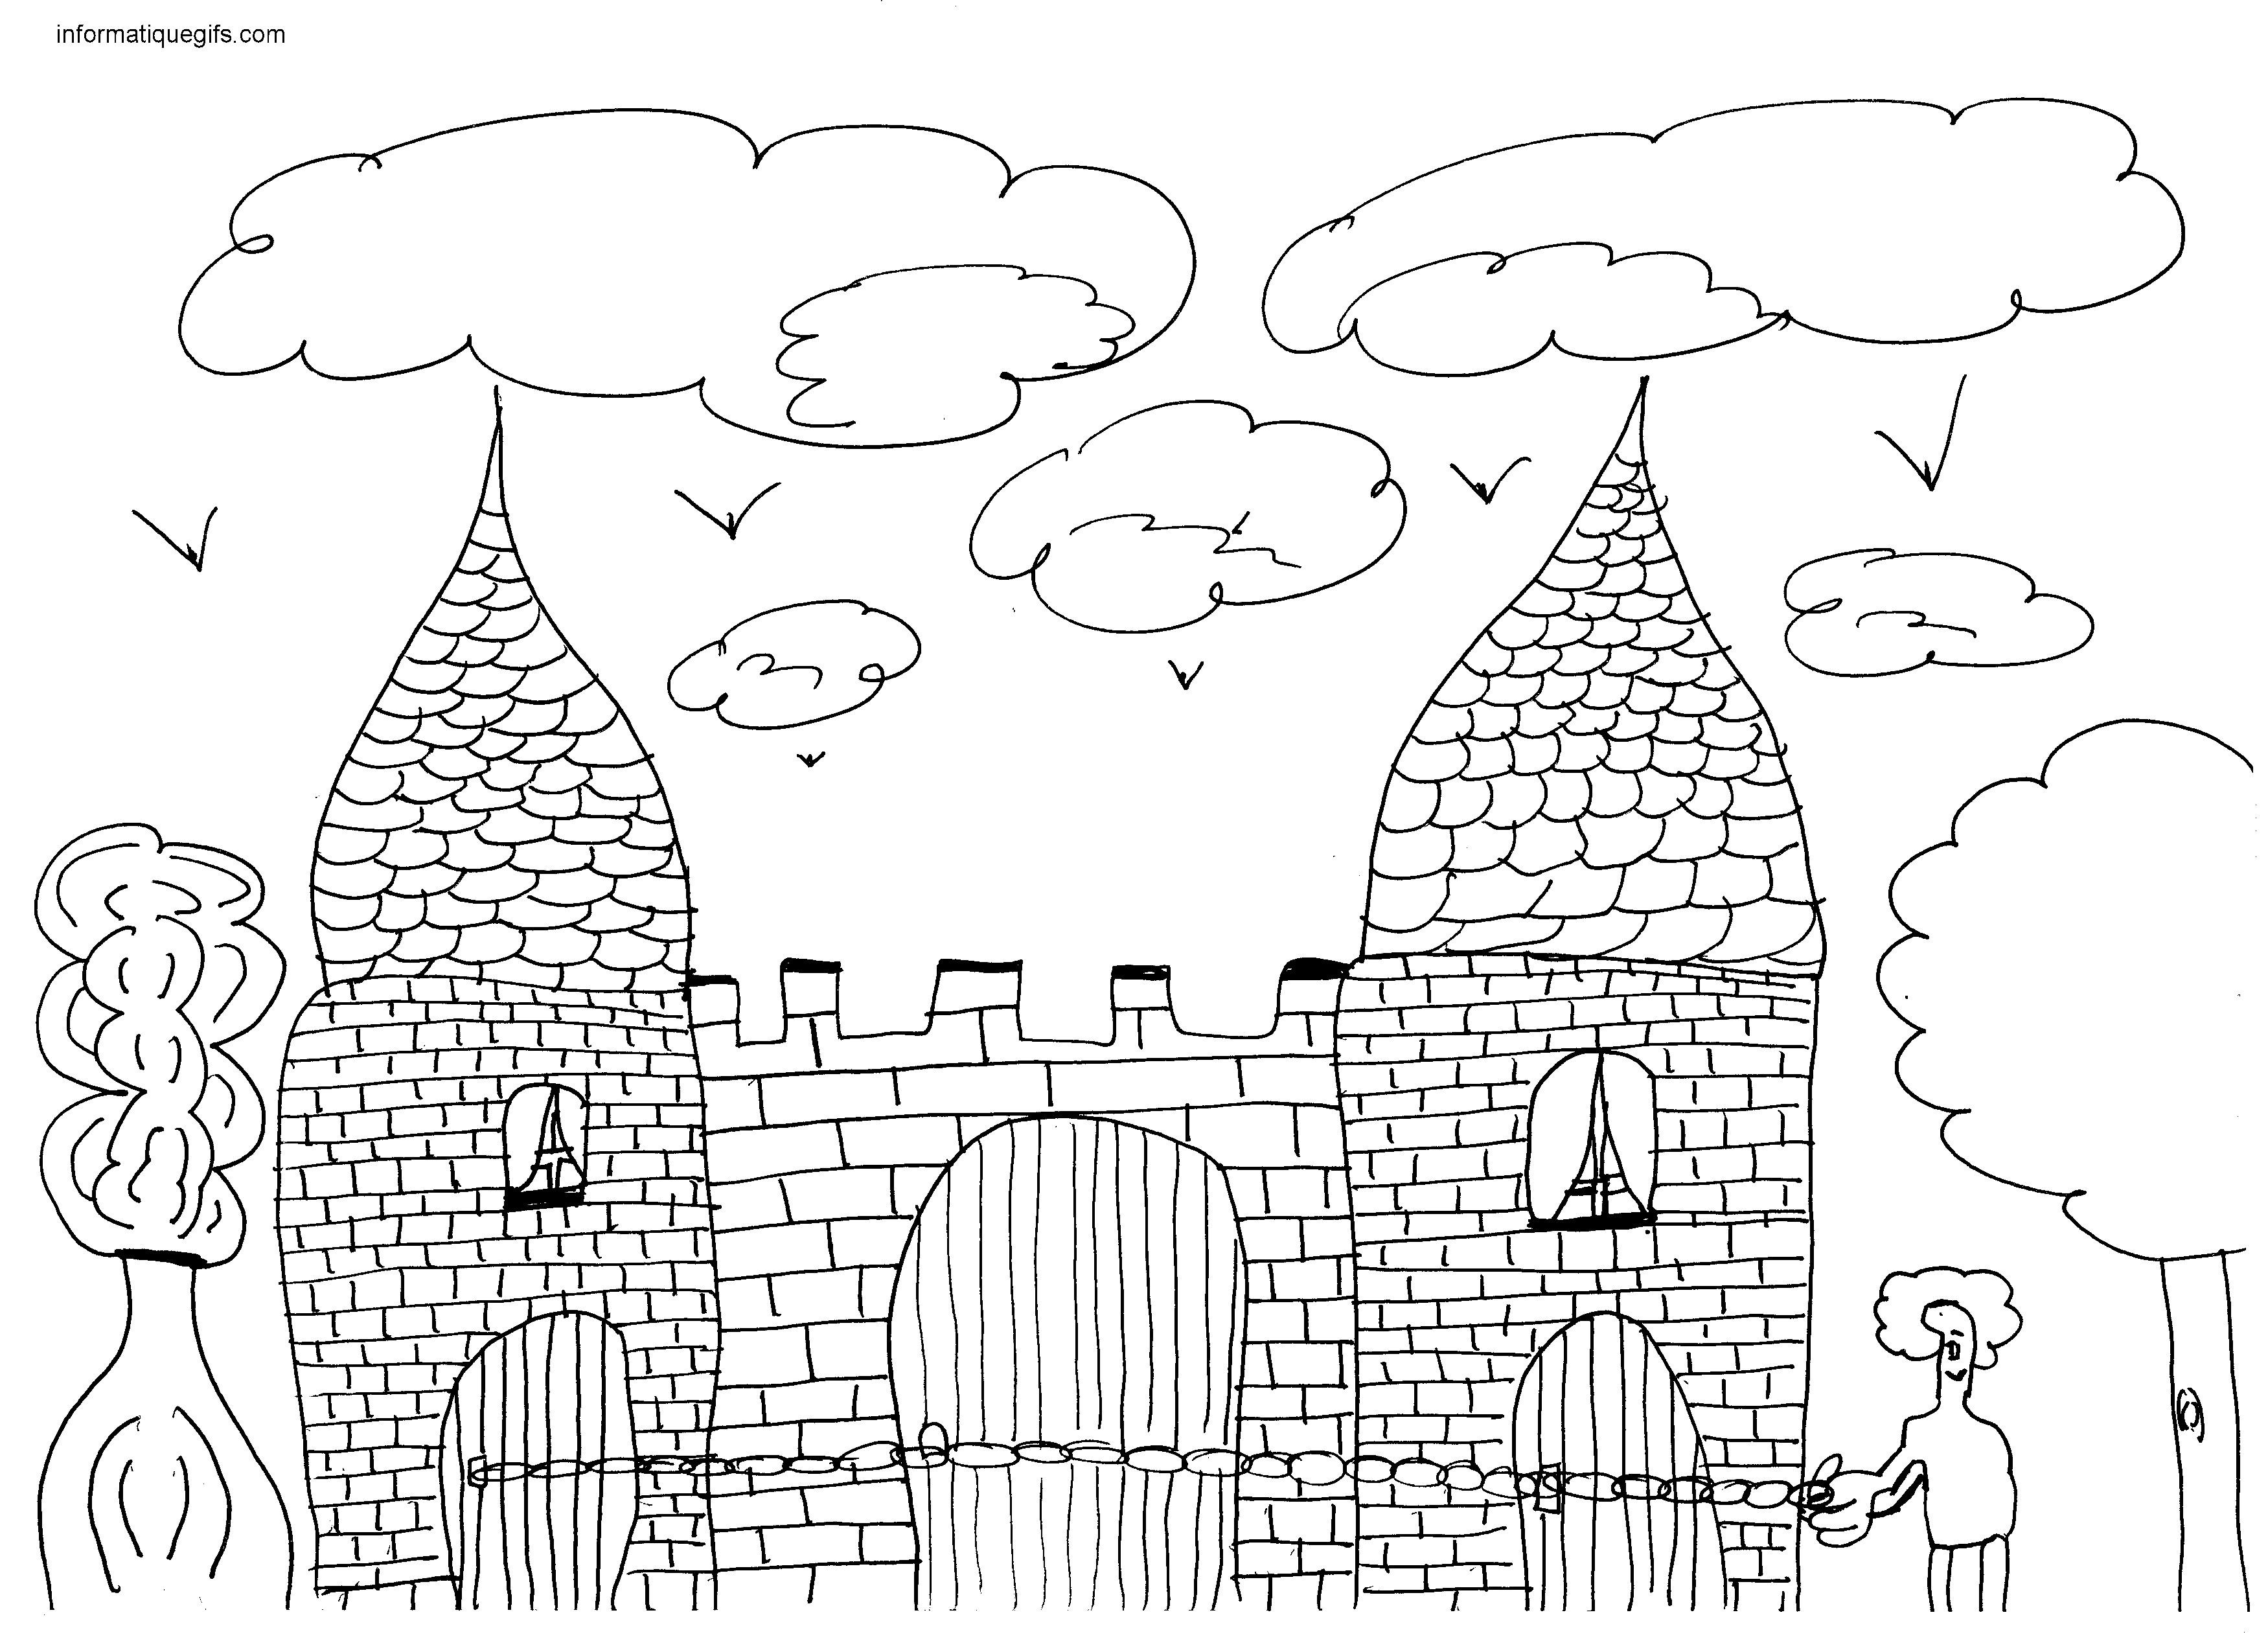 Dessin de ch teau - Coloriage de chateau fort ...